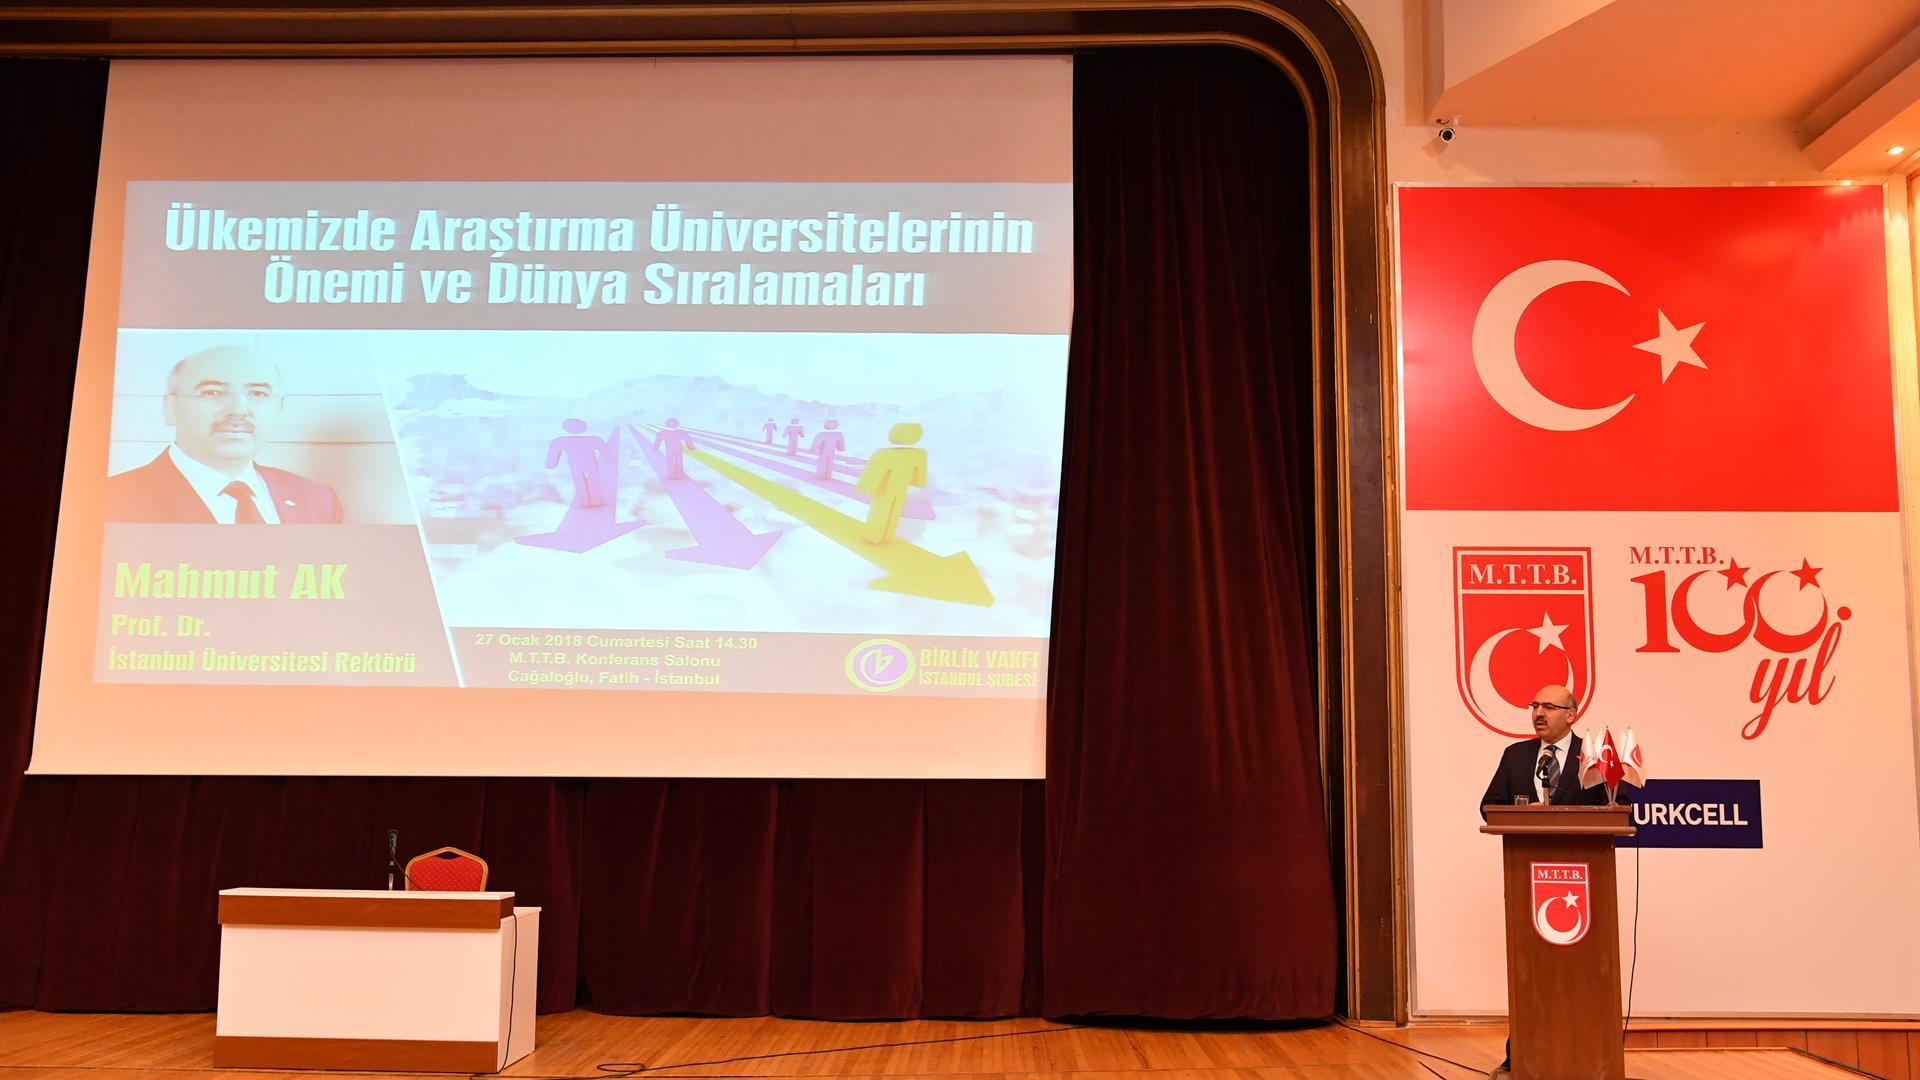 İÜ-Rektörü-Prof.-Dr.-Mahmut-Ak-Araştırma-Üniversitelerinin-Önemini-Anlattı